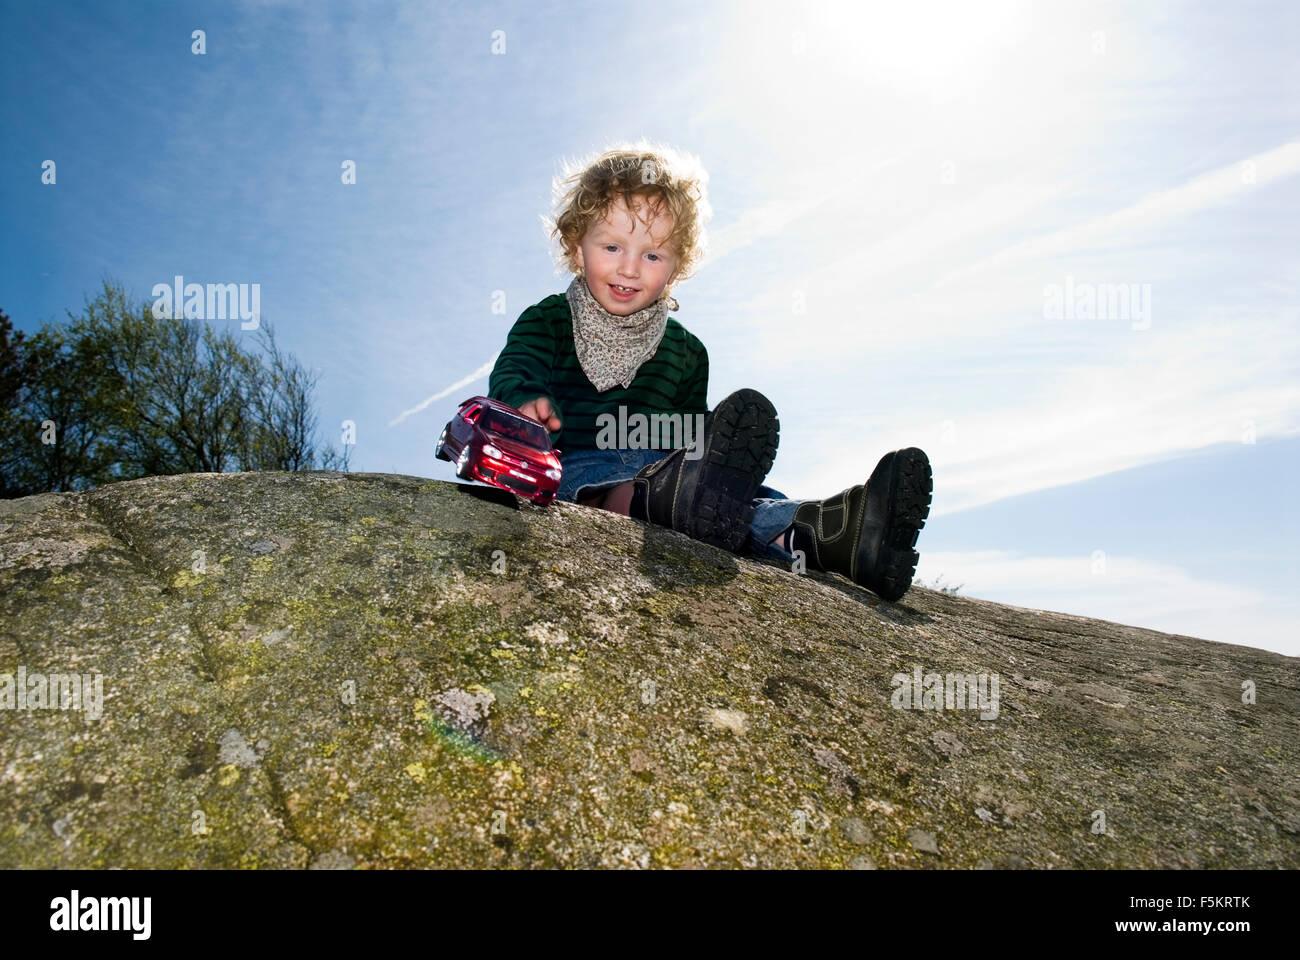 Sweden, Bohuslan, Boy (4-5) playing on rock - Stock Image